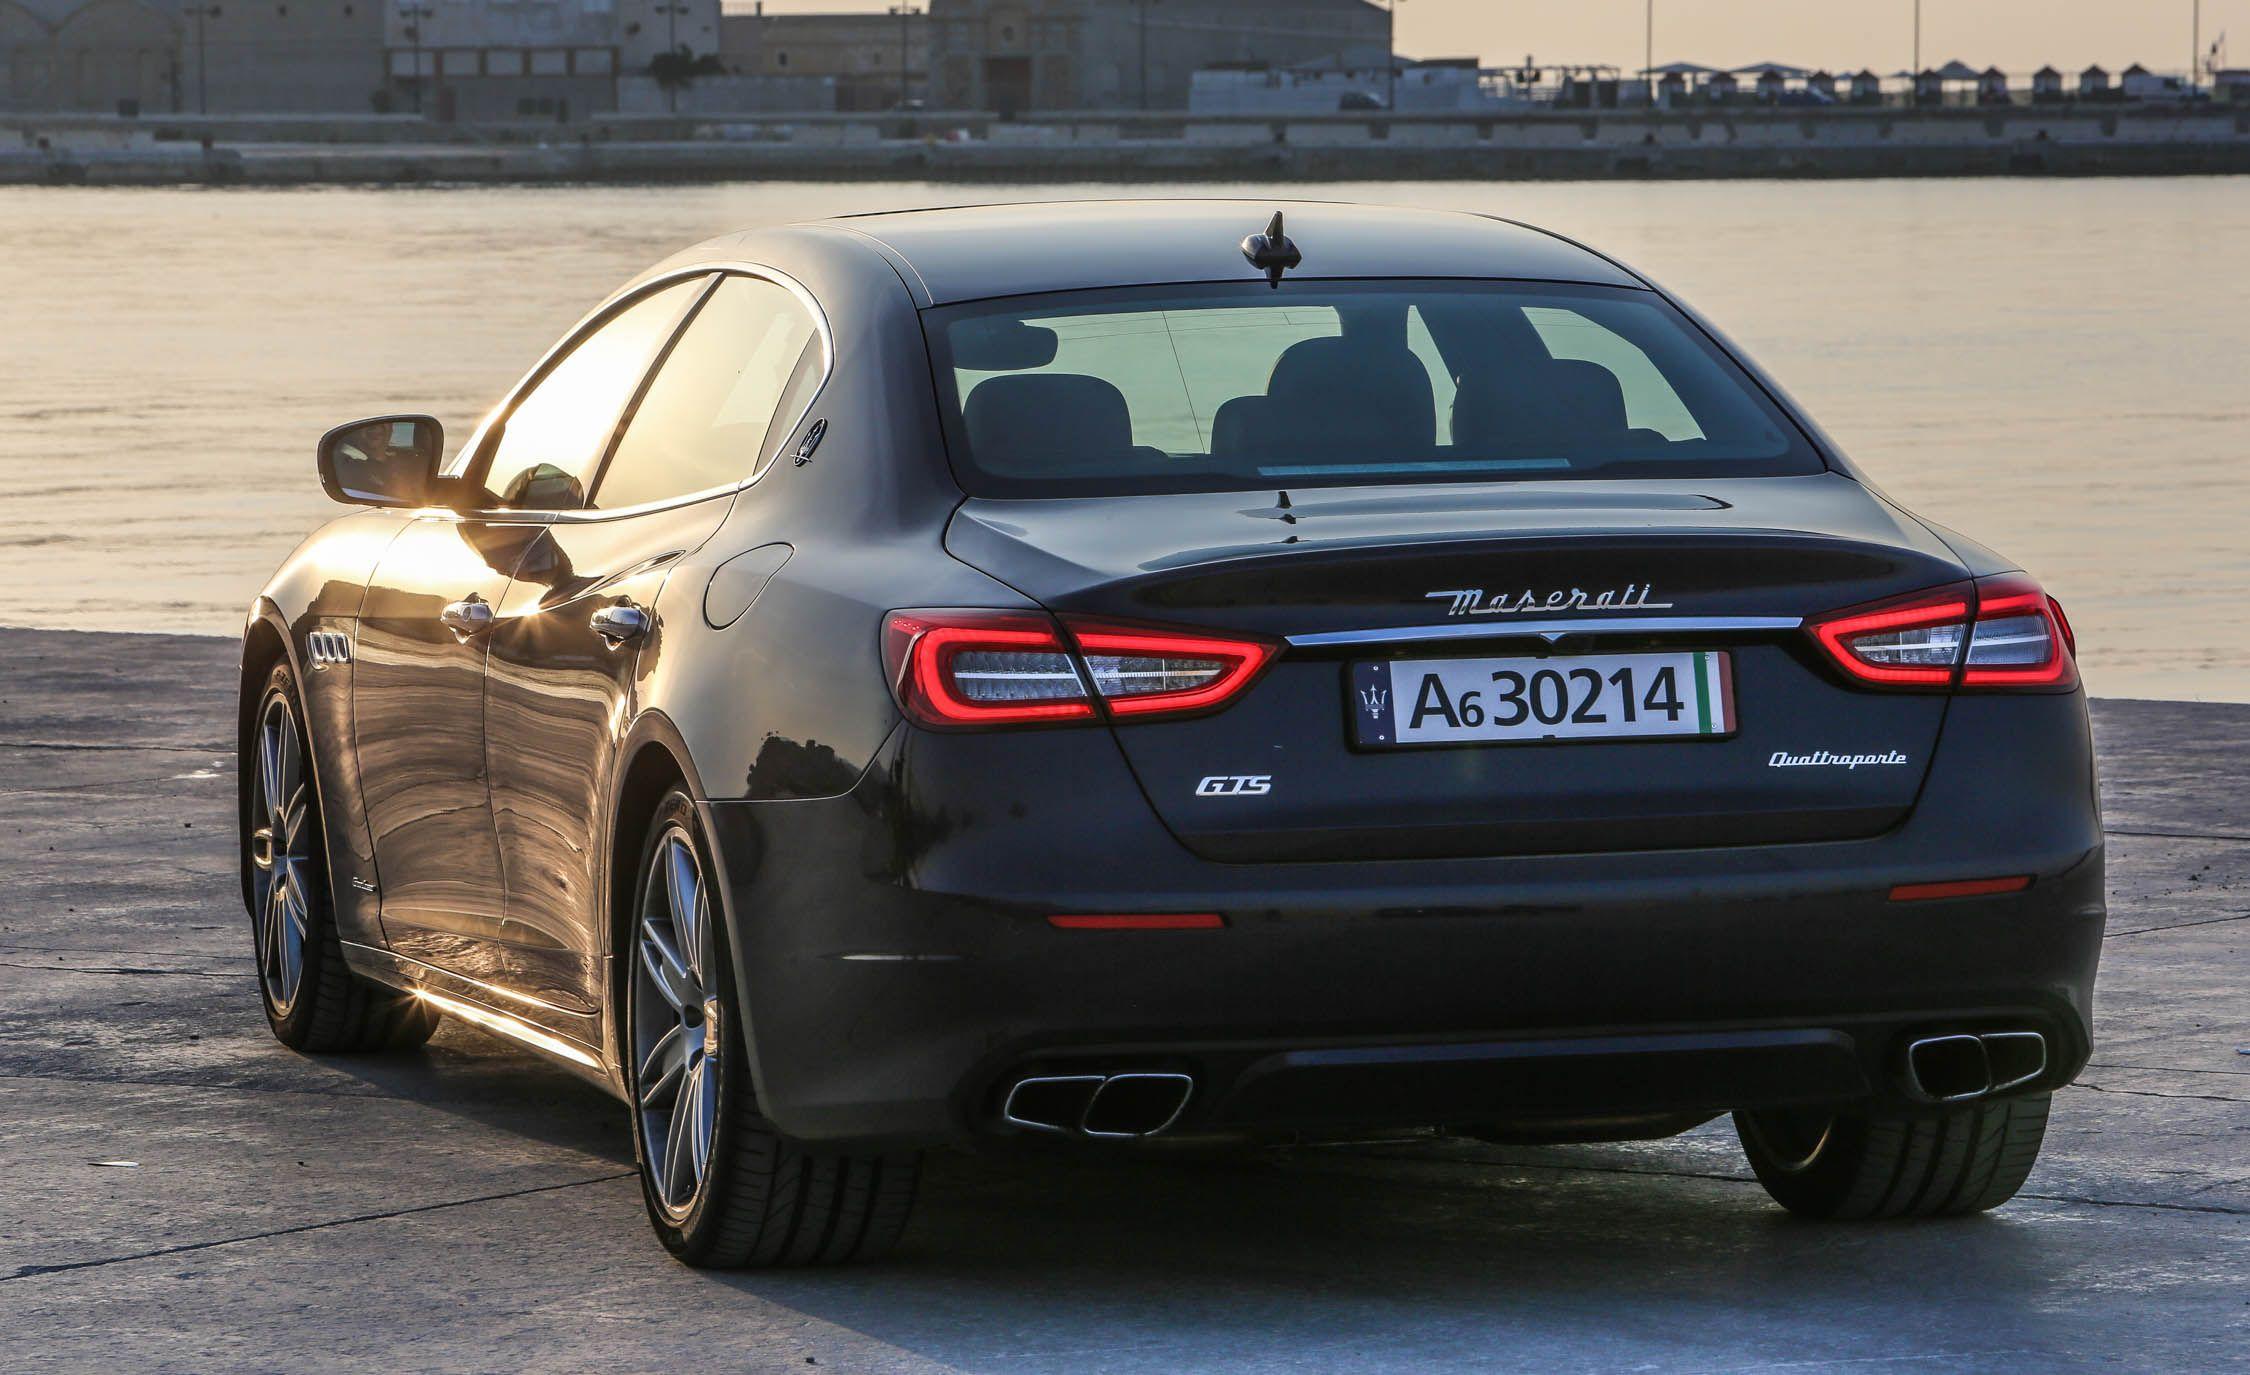 2019 maserati quattroporte reviews | maserati quattroporte price